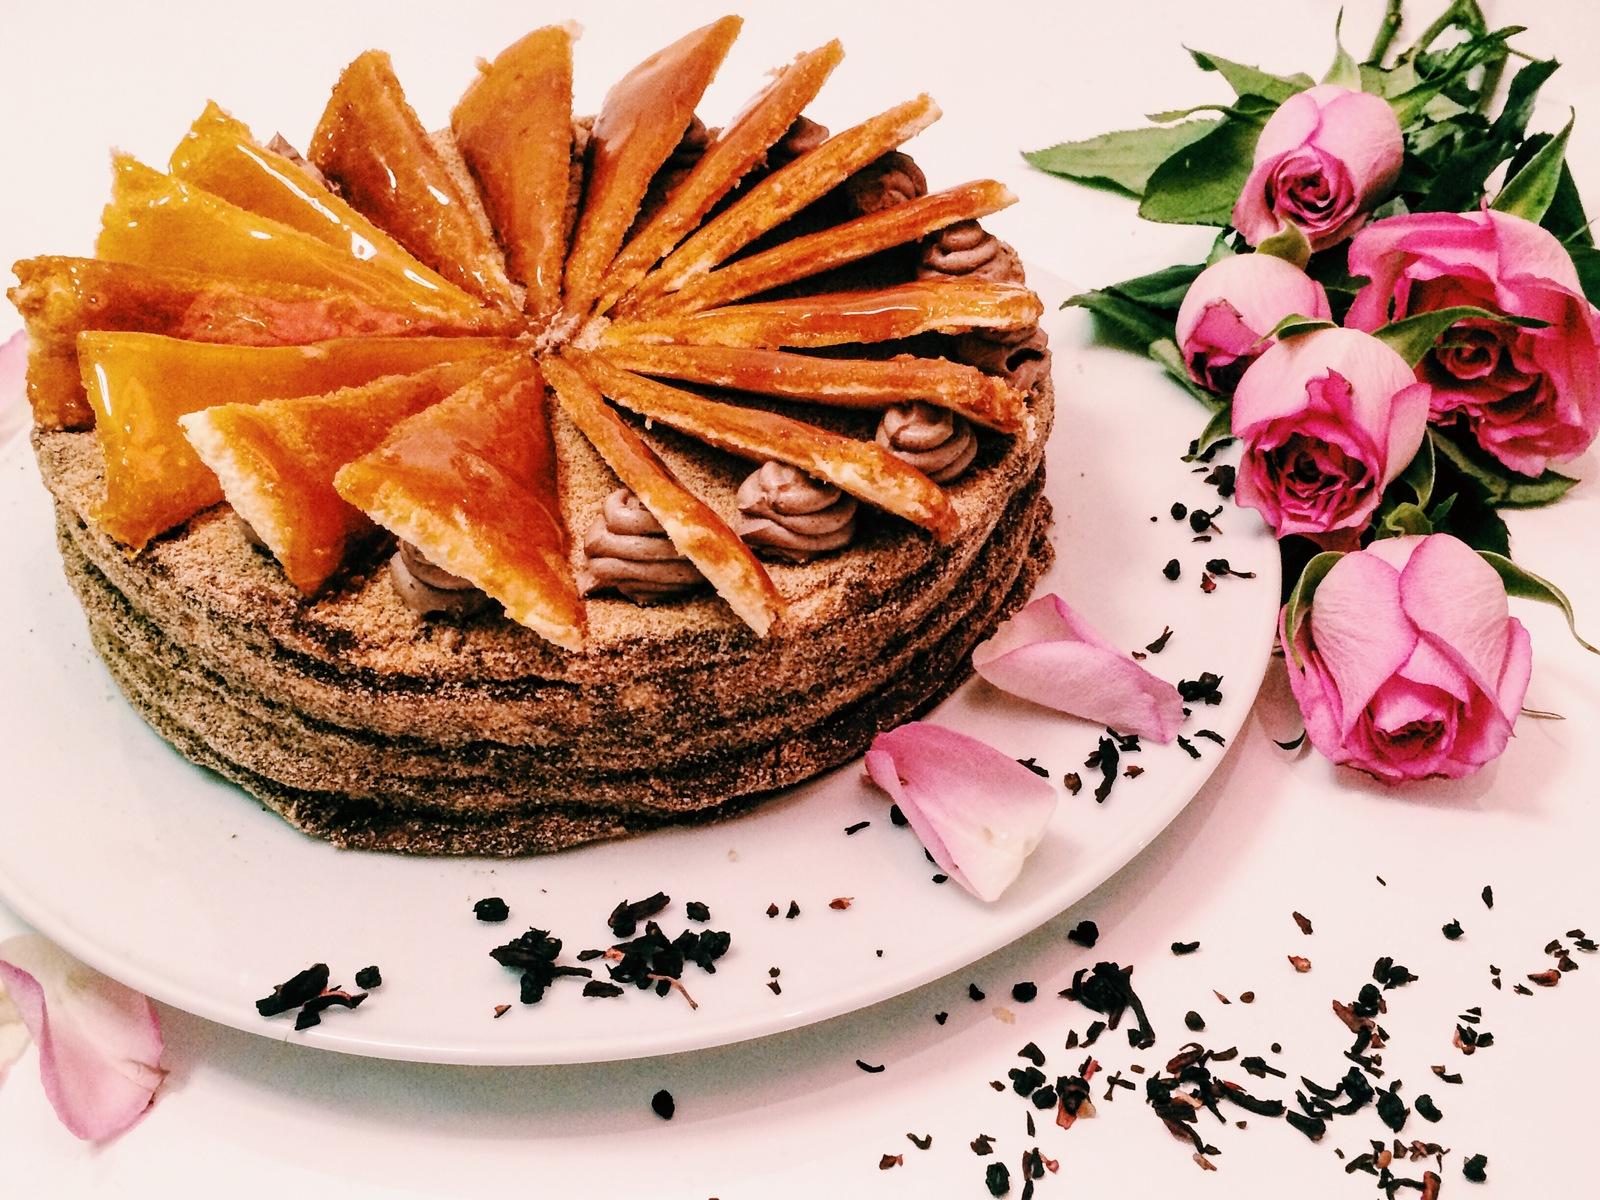 Добош. Это венгерский торт, сделанный из 7 бисквитных коржей. Между коржами находится шоколадный кре